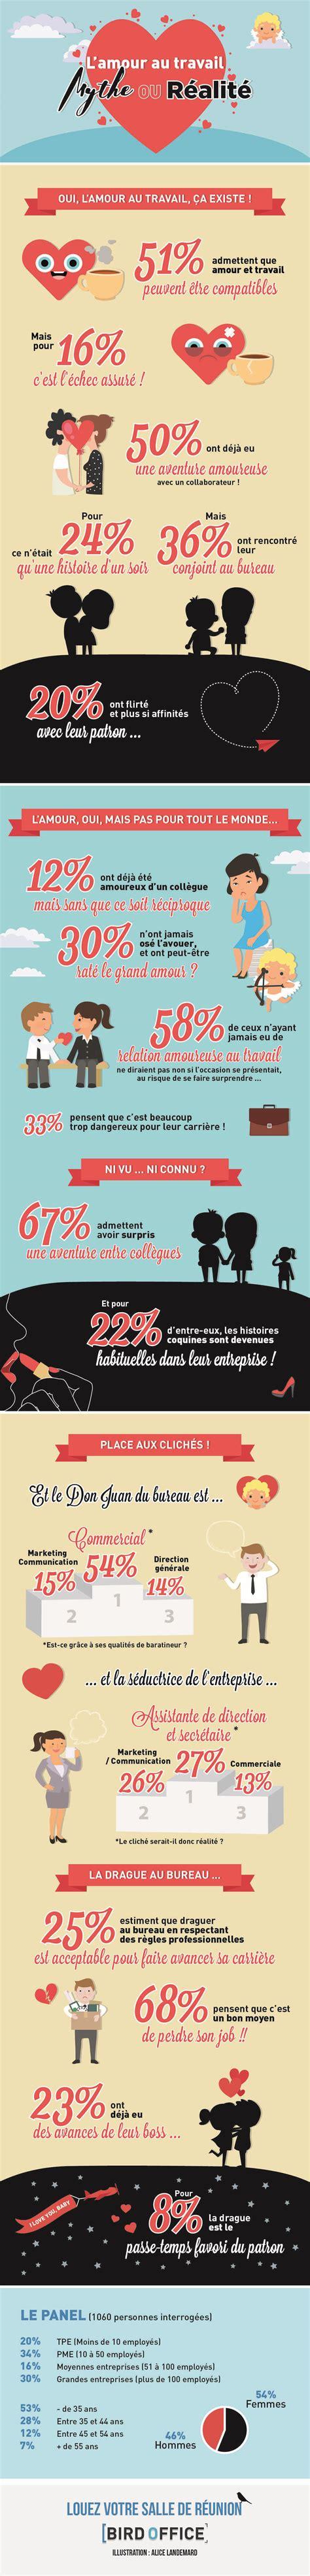 amour au bureau femme l 39 amour au bureau l 39 infographie bird office